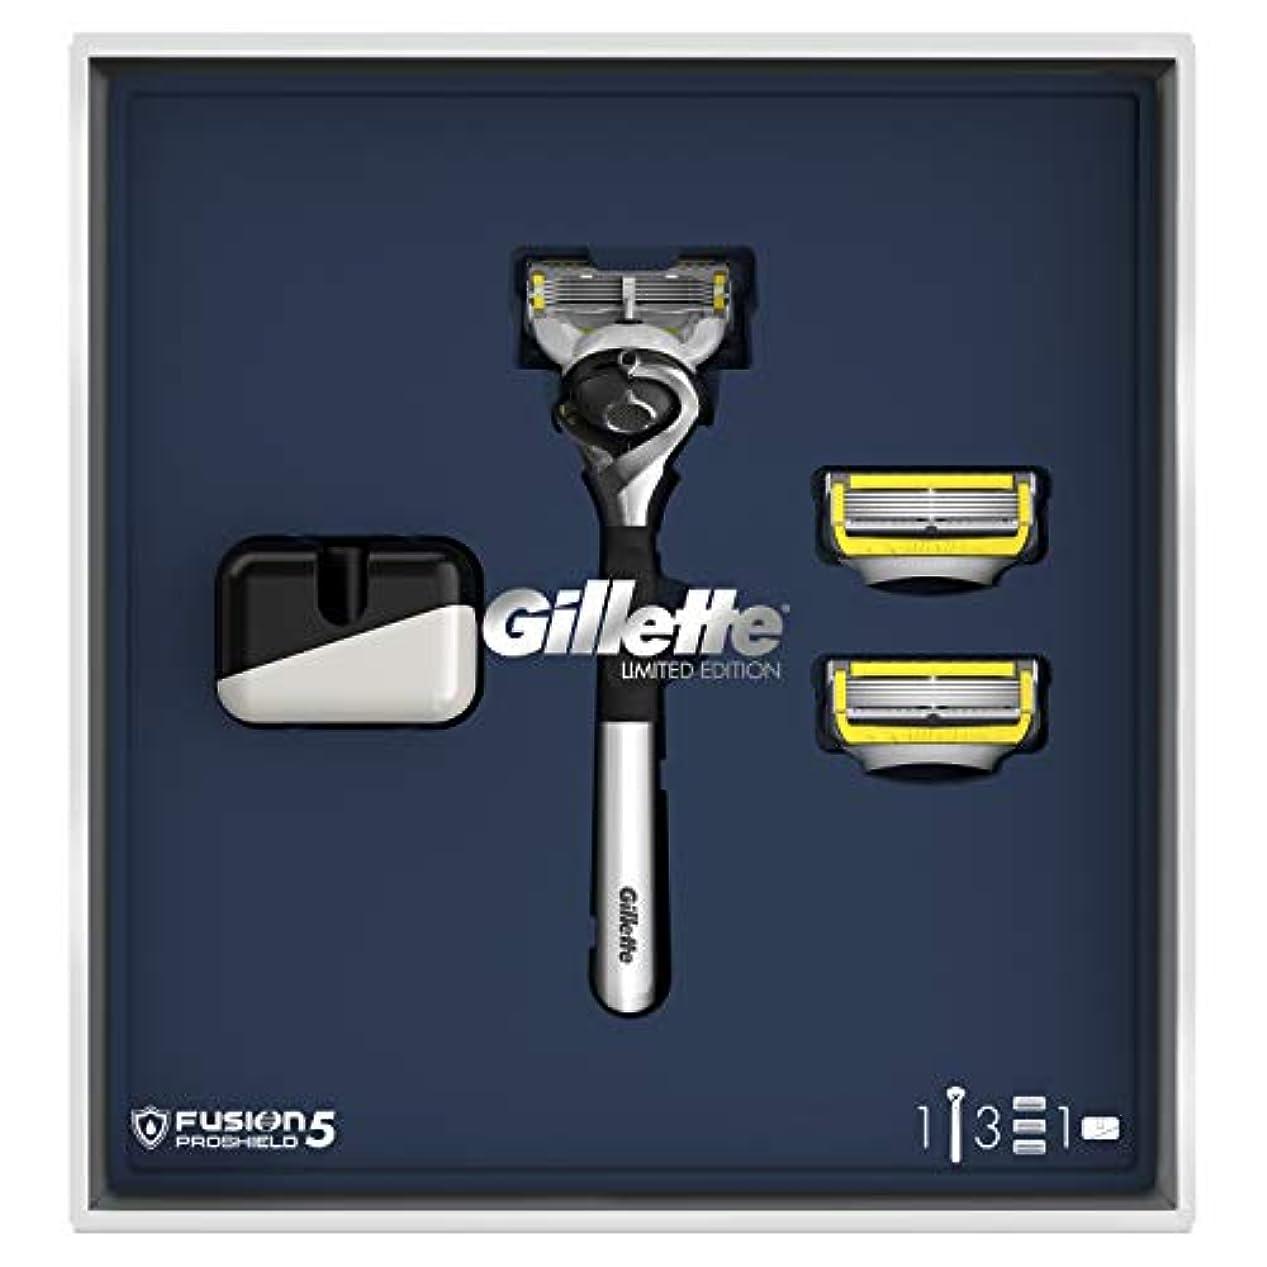 一定腫瘍批判的にジレット プロシールド 髭剃り本体+替刃3個 オリジナルスタンド付 スペシャルパッケージ